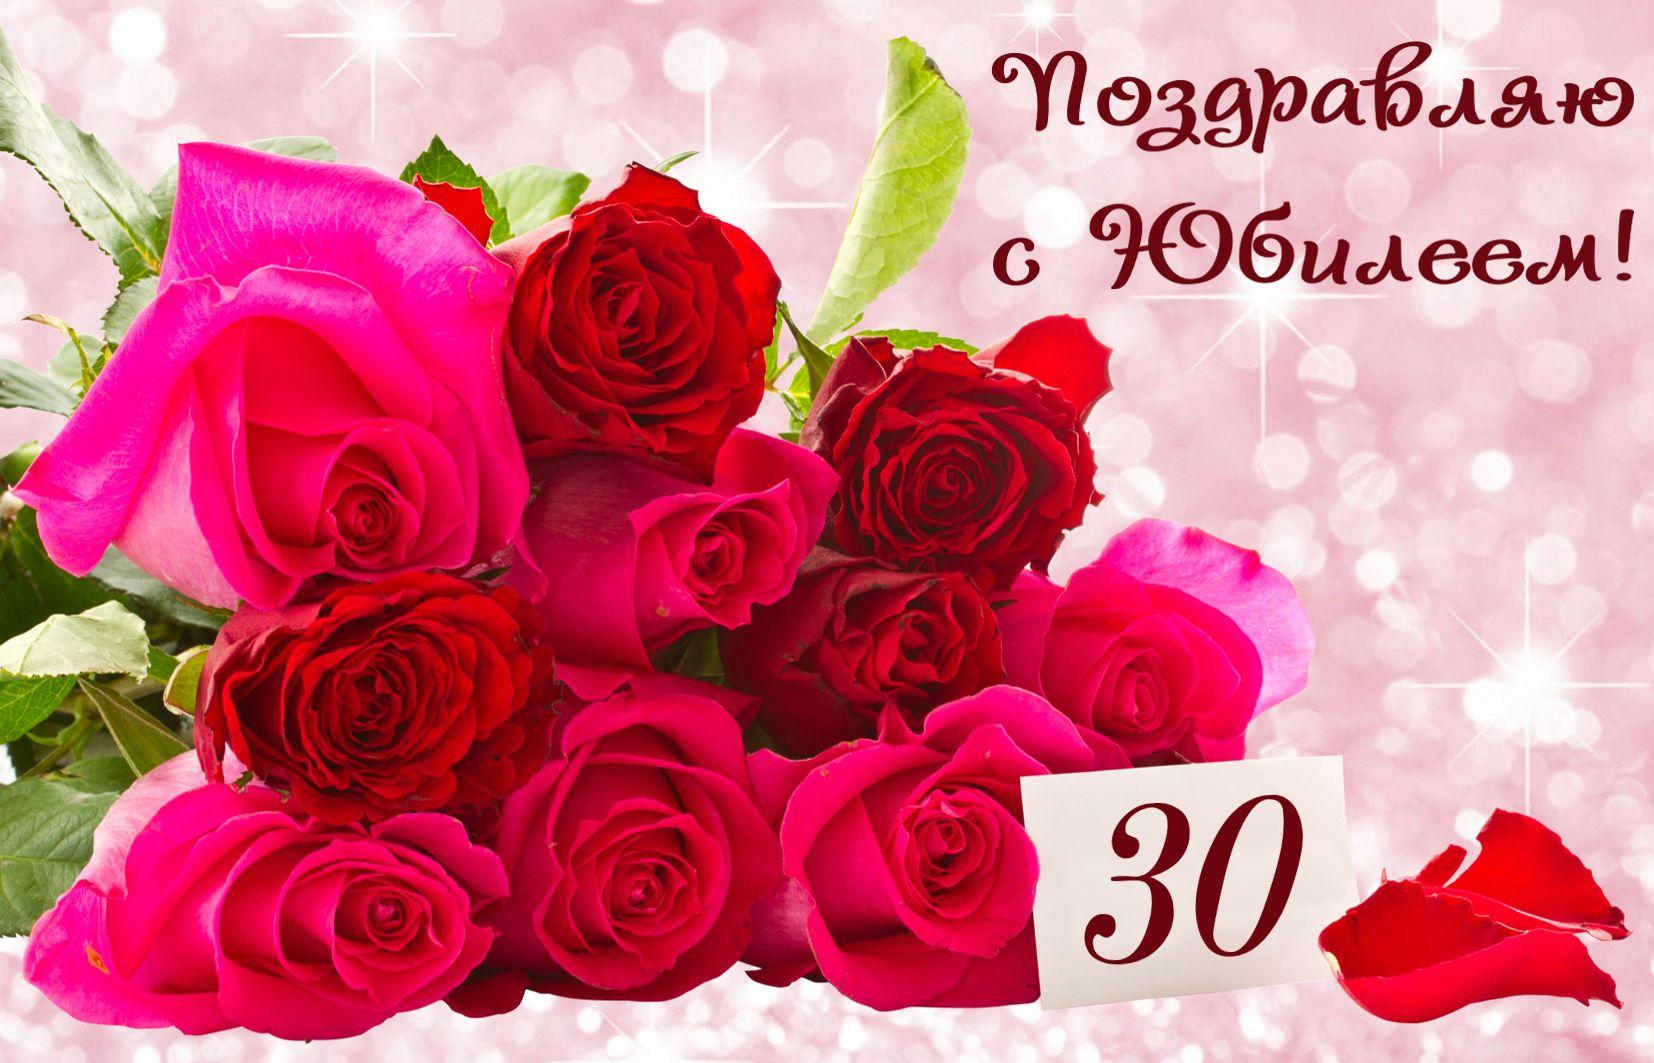 Красивые поздравления на юбилей 30 лет девушке